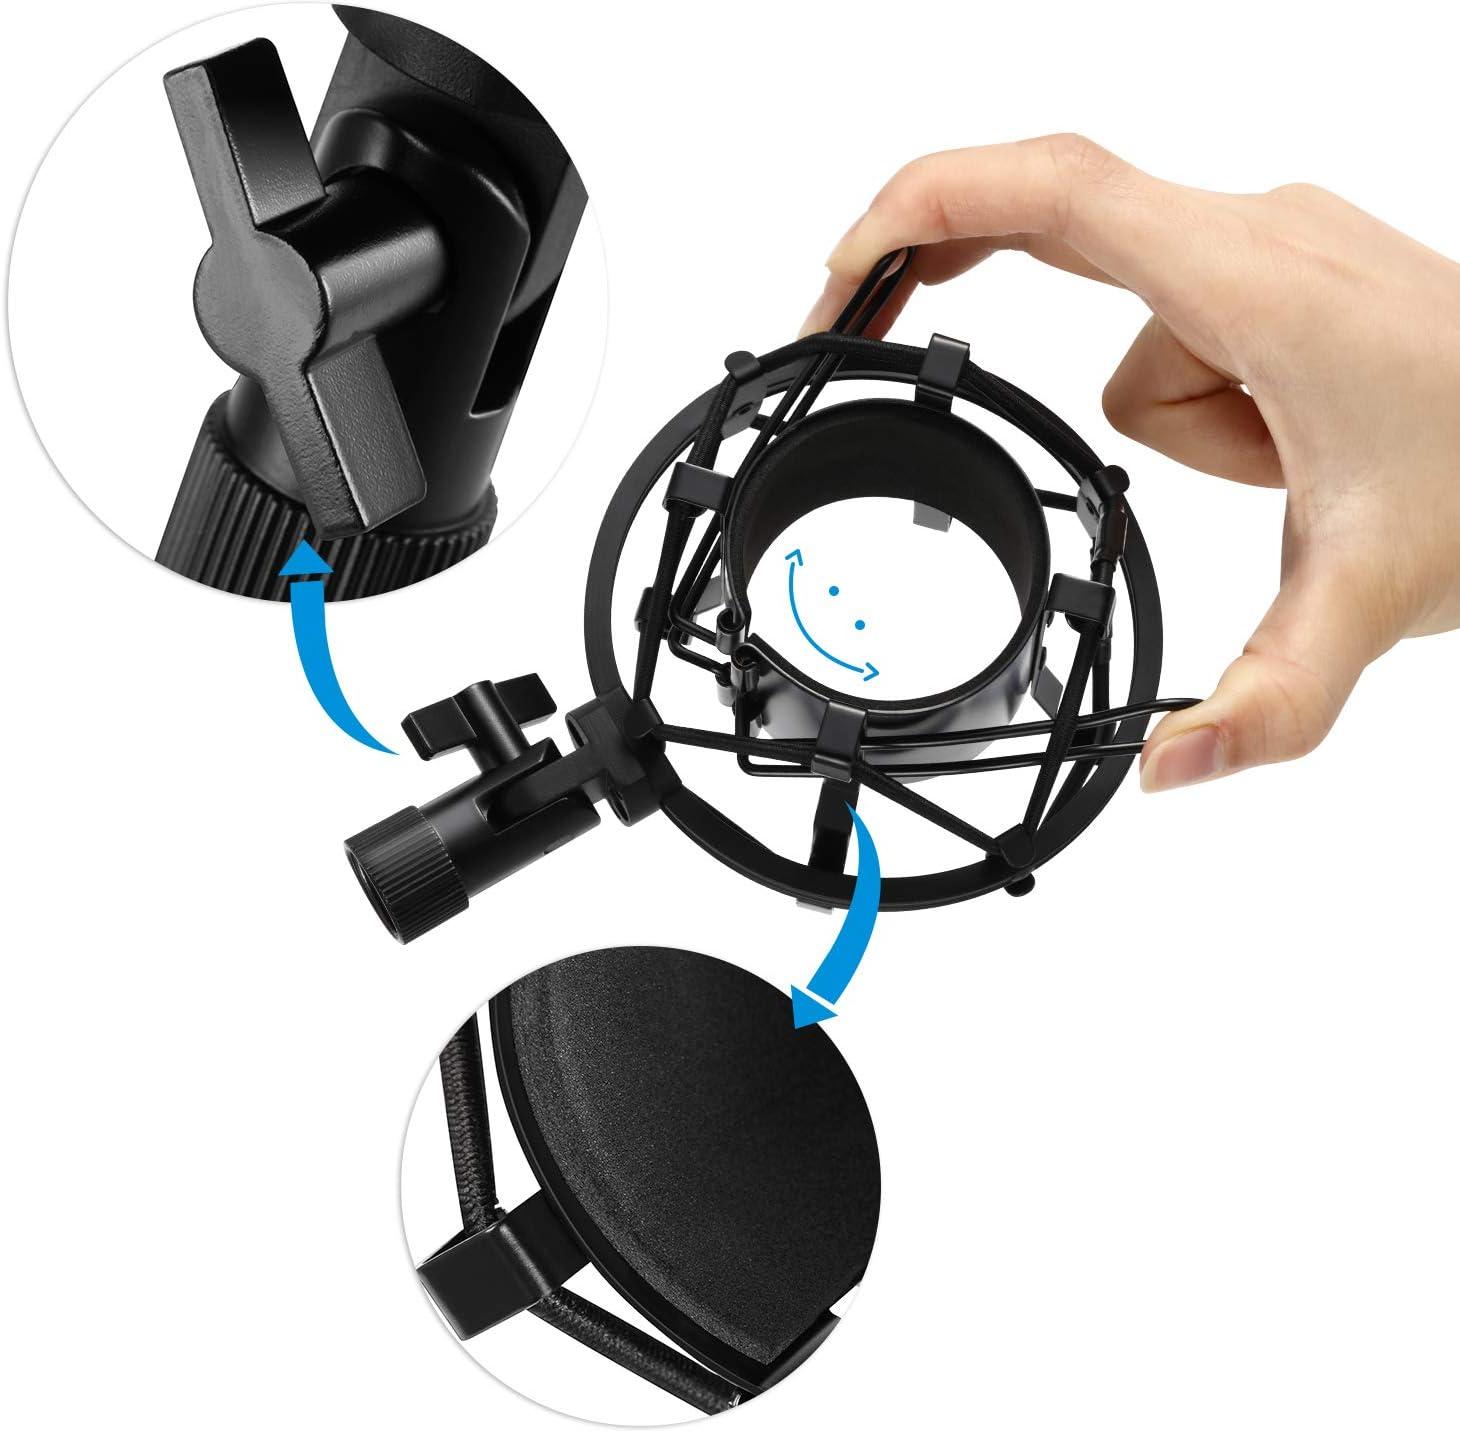 Bkinsety 48-54mm Microphone Mont Shock Avec filtre pop-up /à trois couches et adaptateur /à vis,Utilis/é pour les travaux de diffusion en studio